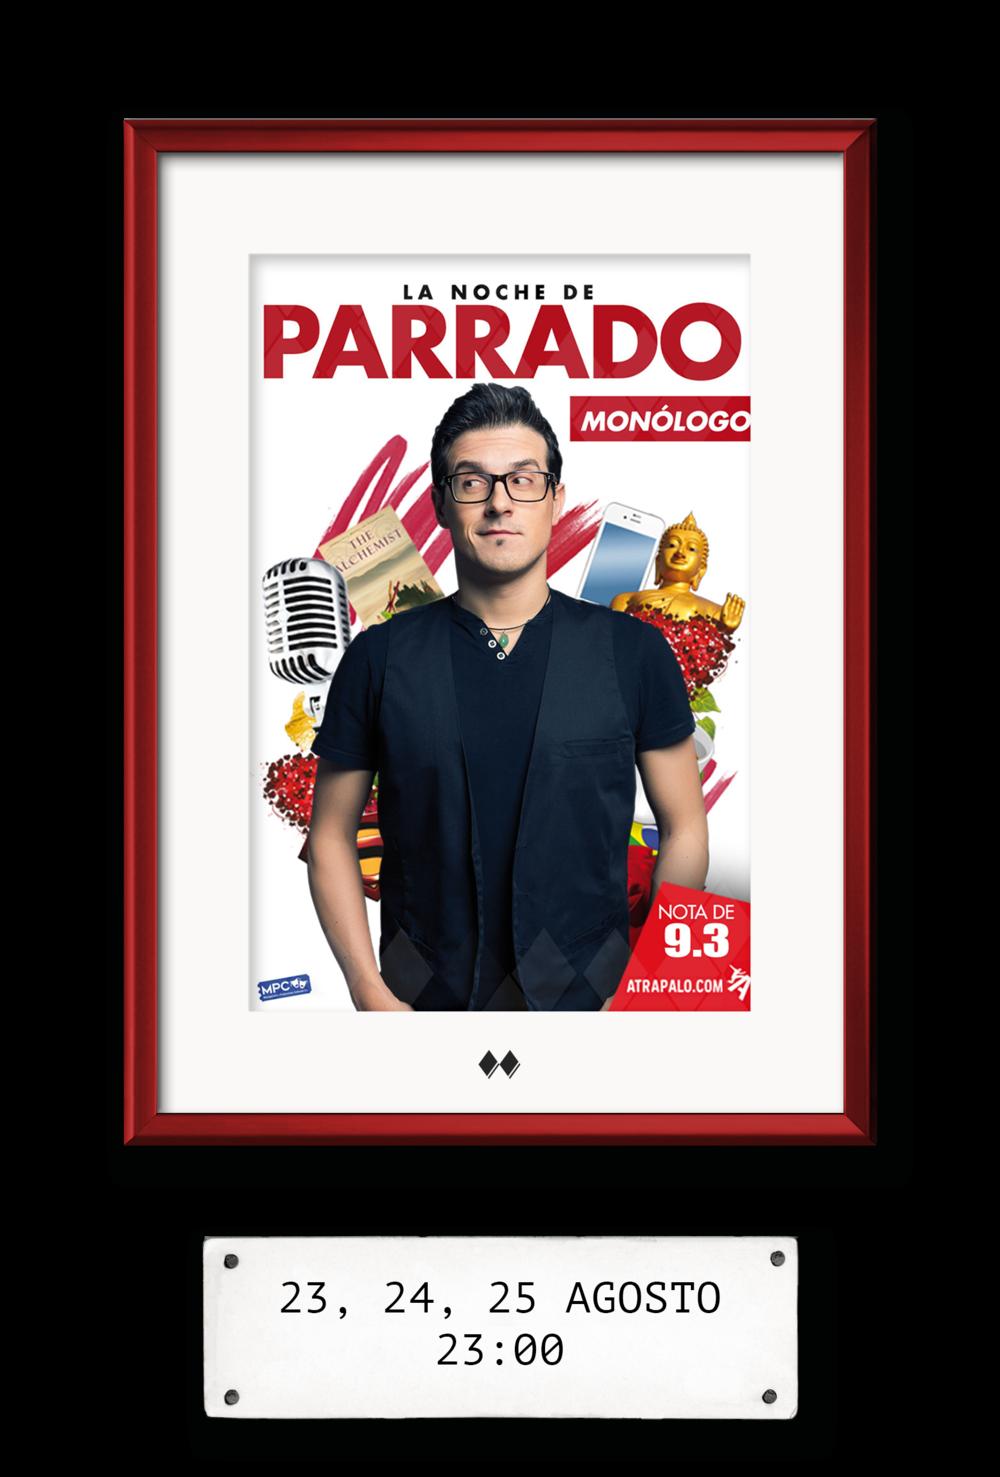 cuadro-comedia-madrid-parrado-monologo-españa-teatro-arlequin-gran-via-comprar-entradas.png